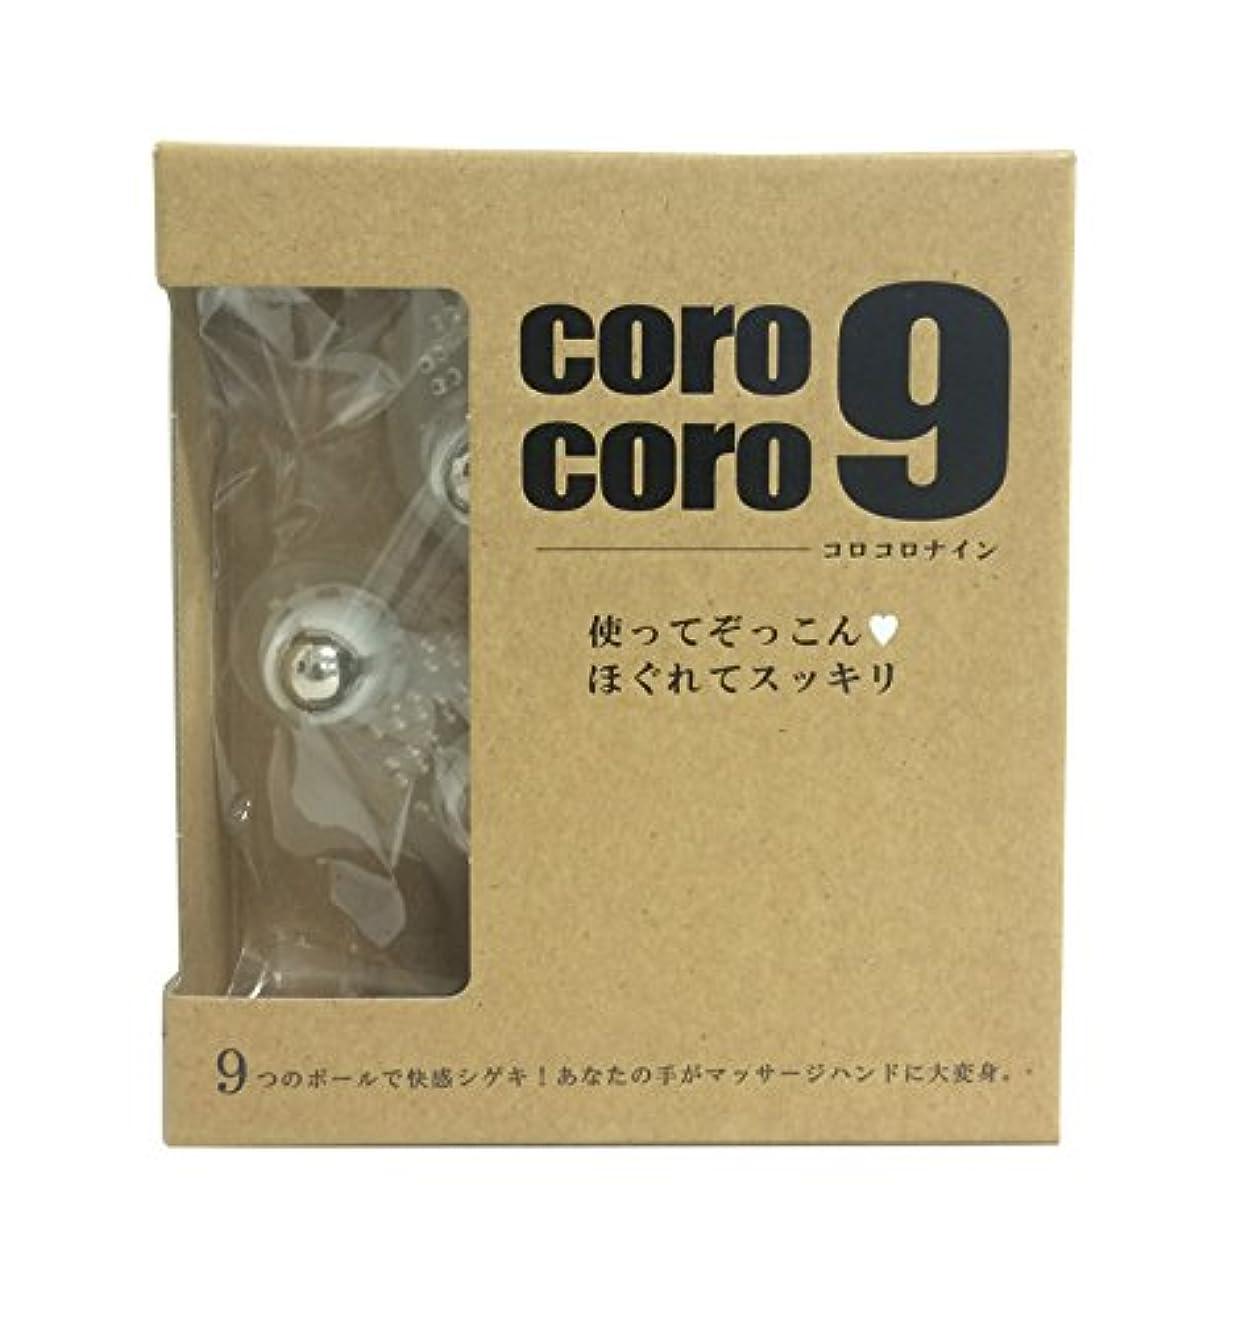 ハイジャックスクレーパーくReシリーズ CoroCoro9 クリア